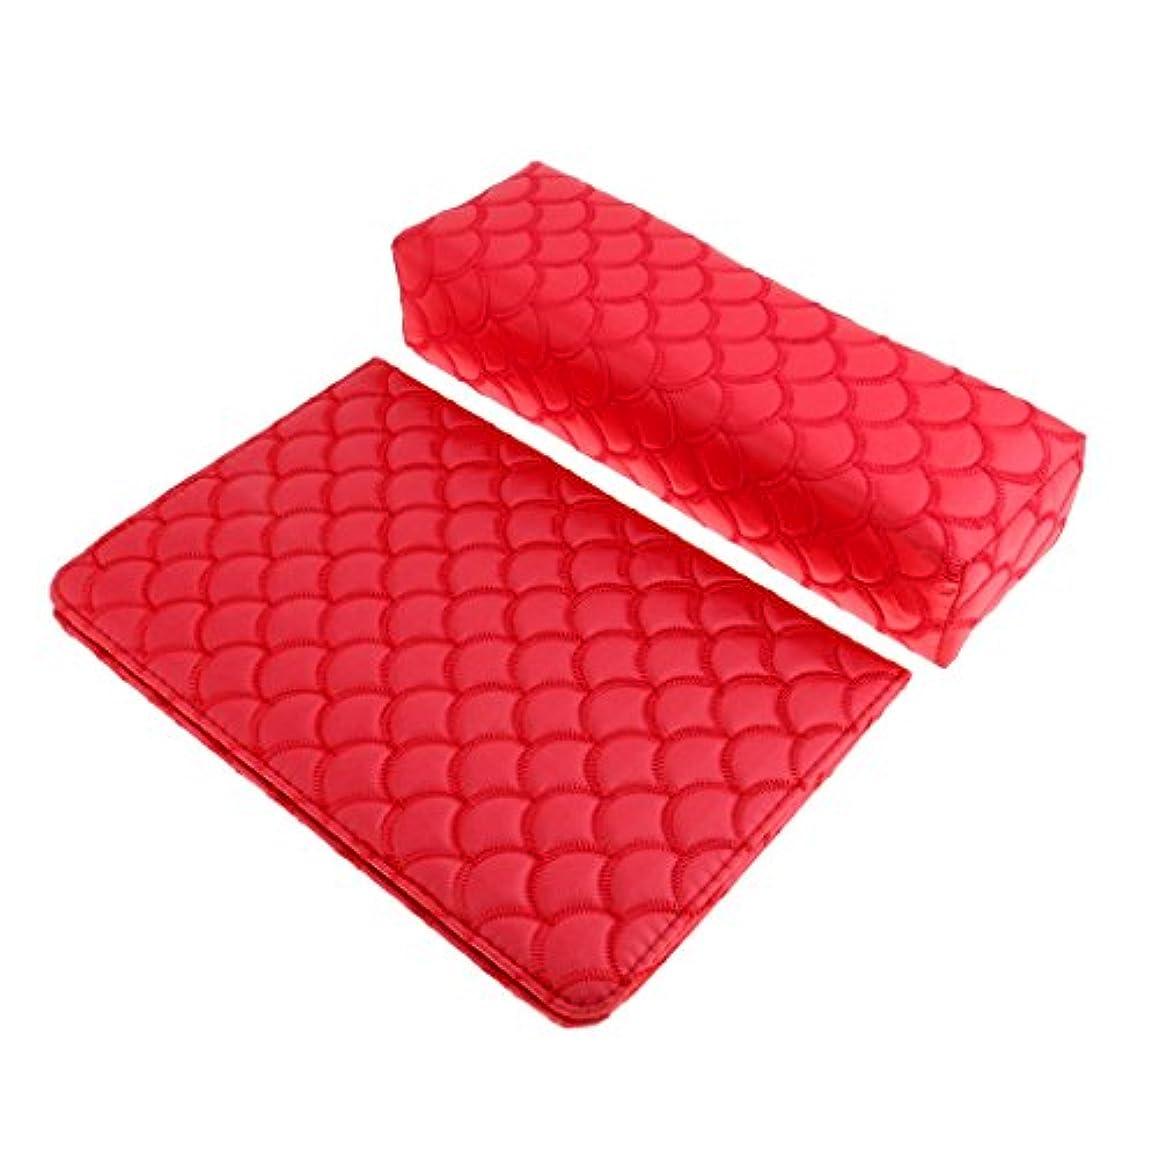 歯痛ターミナルフェンスソフト ハンドクッション ネイルピロー パッド ネイルアート デザイン マニキュア アームレストホルダー 多色選べる - 赤